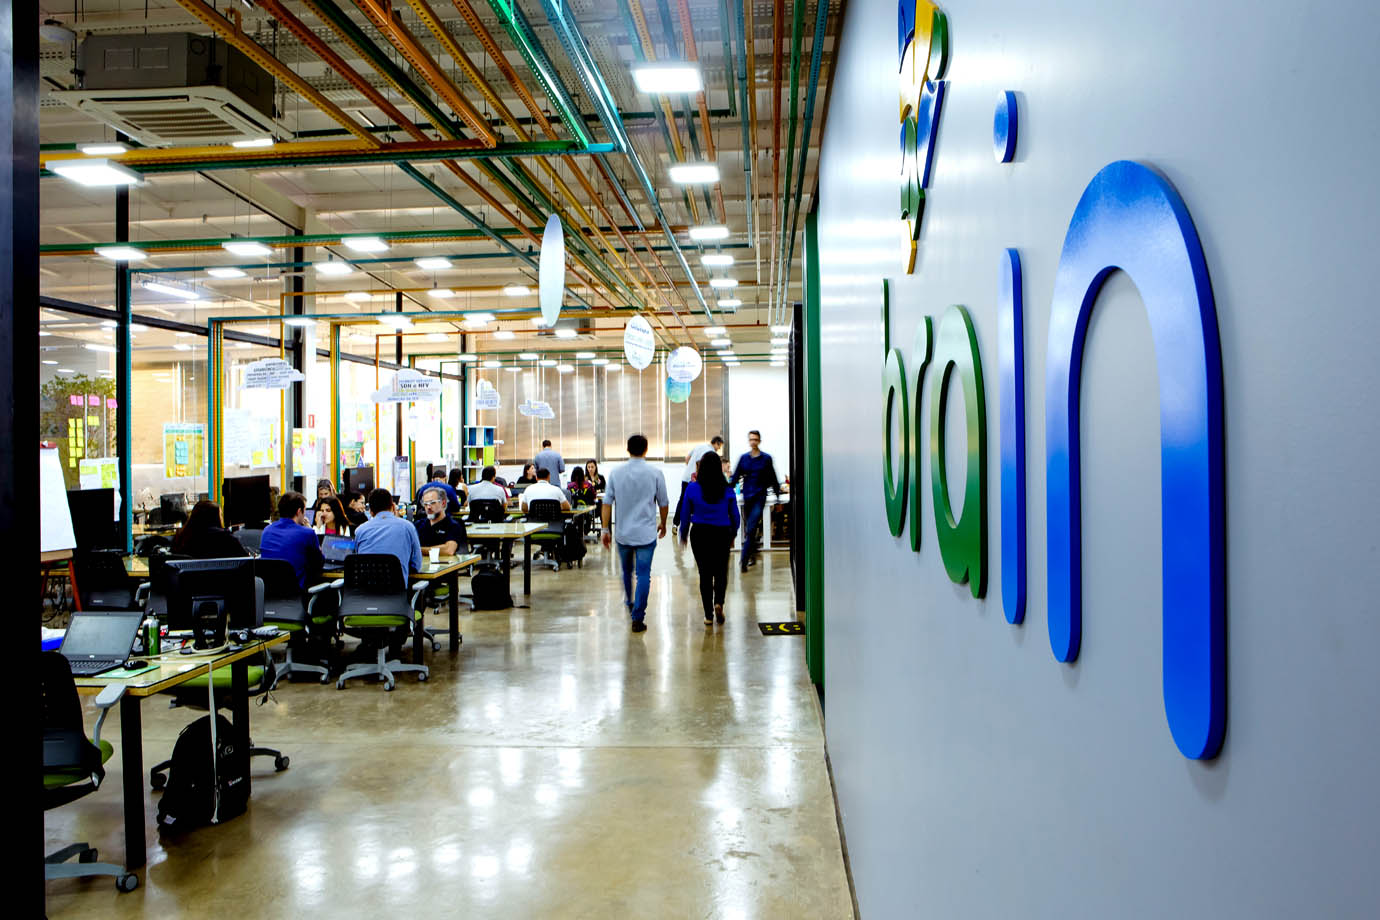 Algar Brain - Centro de Inovação da Algar Telecom Divulgação